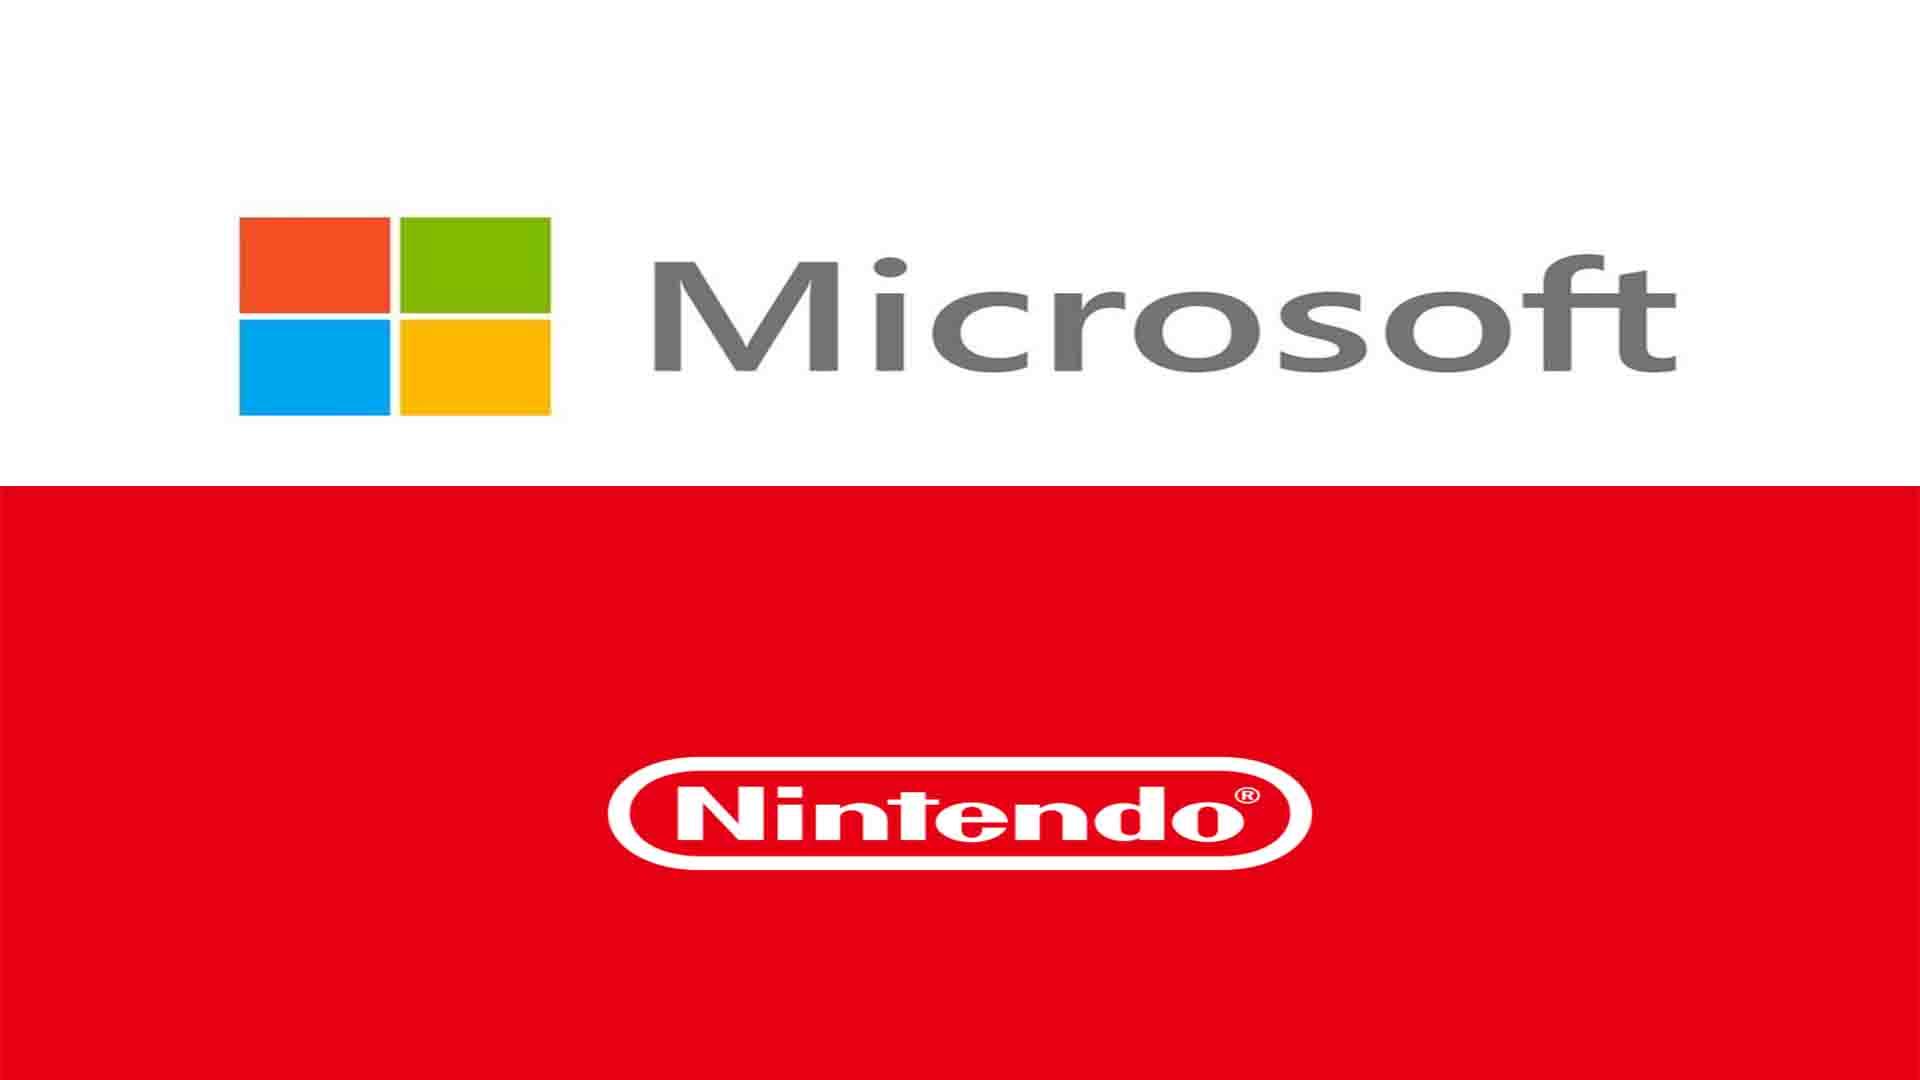 【噂】任天堂とマイクロソフトは共同で巨大なことを取り組んでいる模様